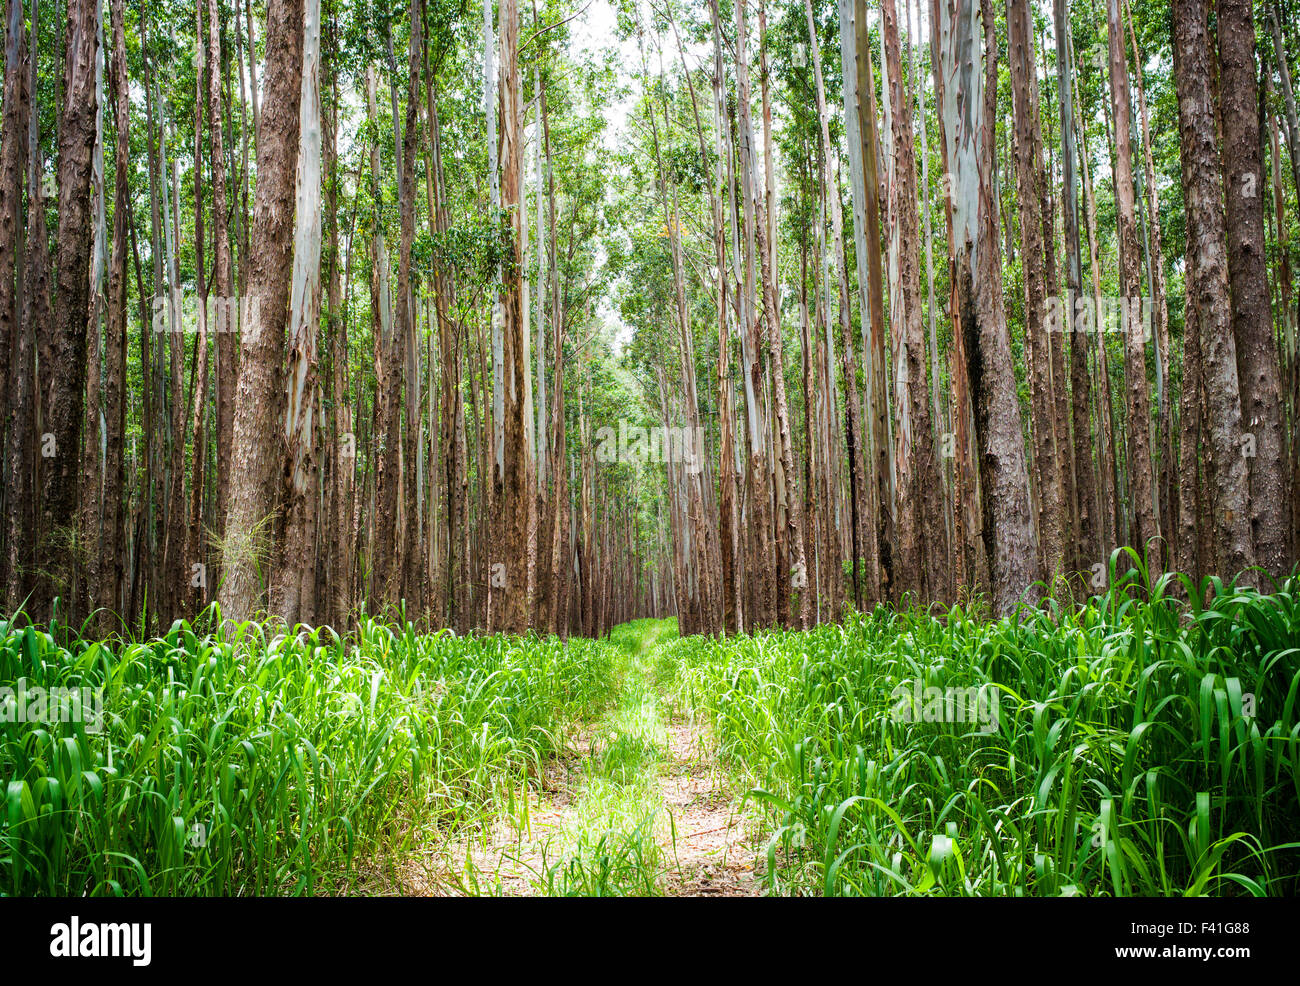 Eucalyptus Wood Stock Photos & Eucalyptus Wood Stock